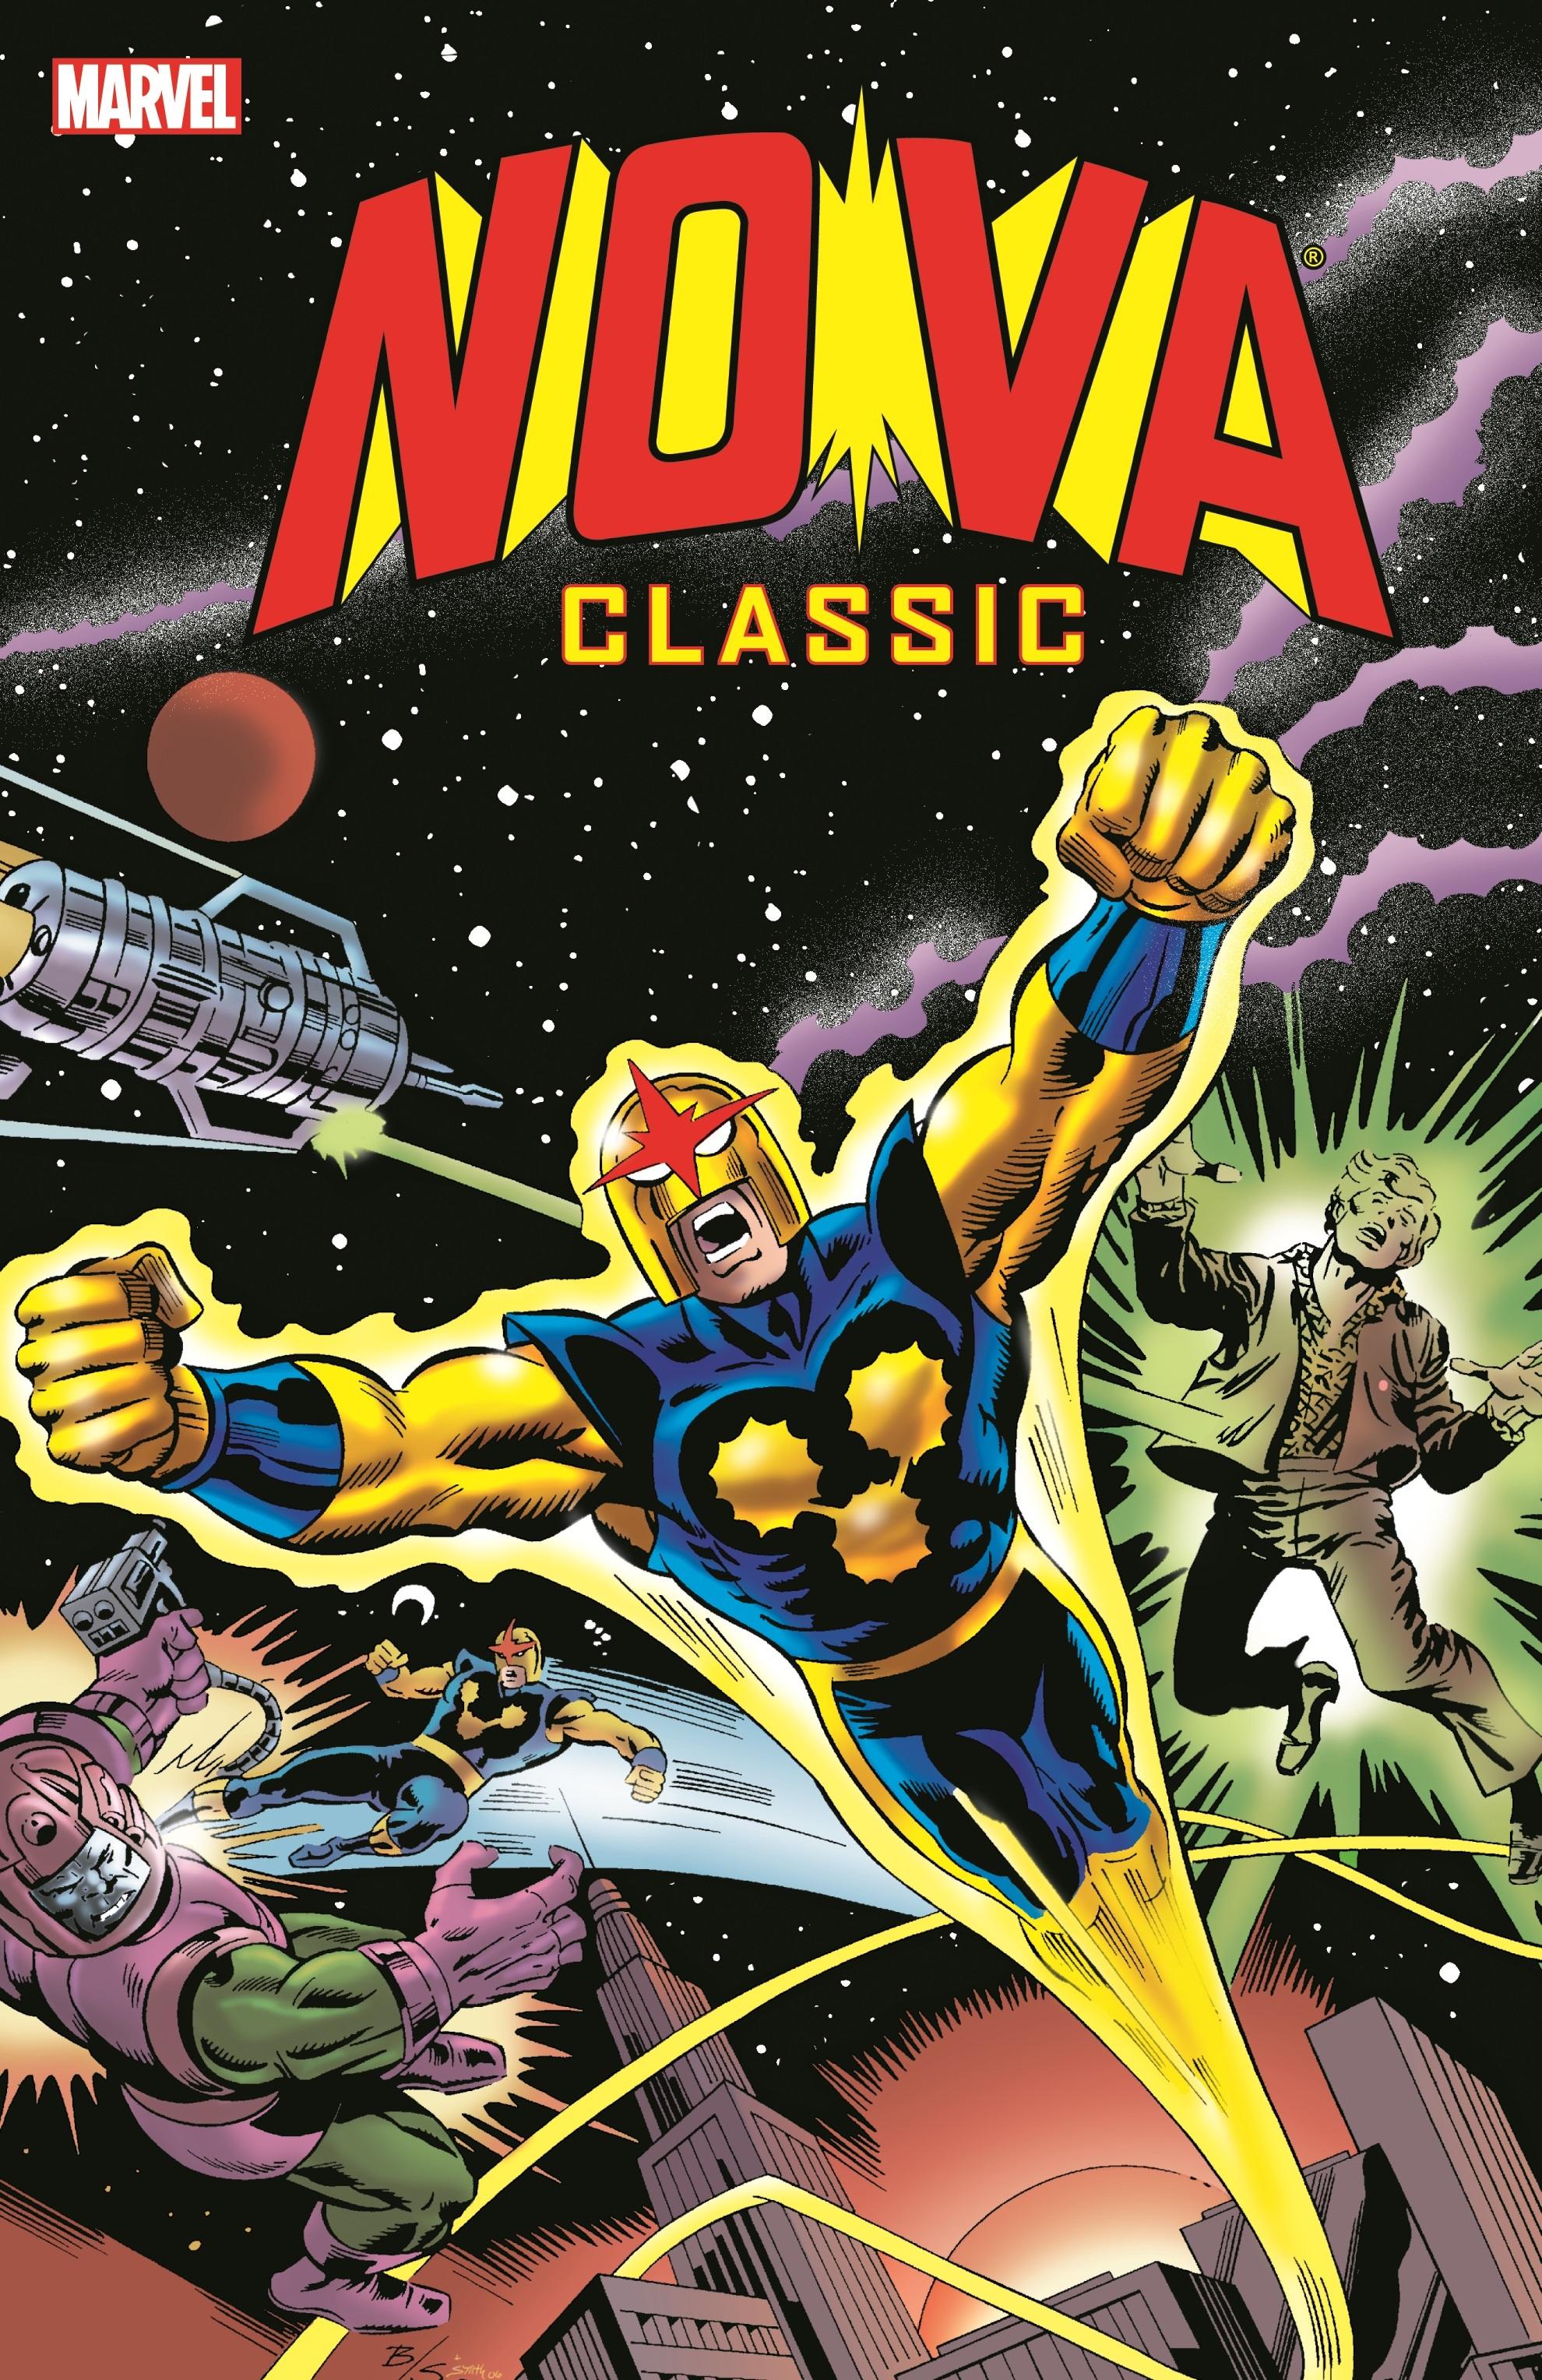 Nova Classic Vol. 1 (Trade Paperback)